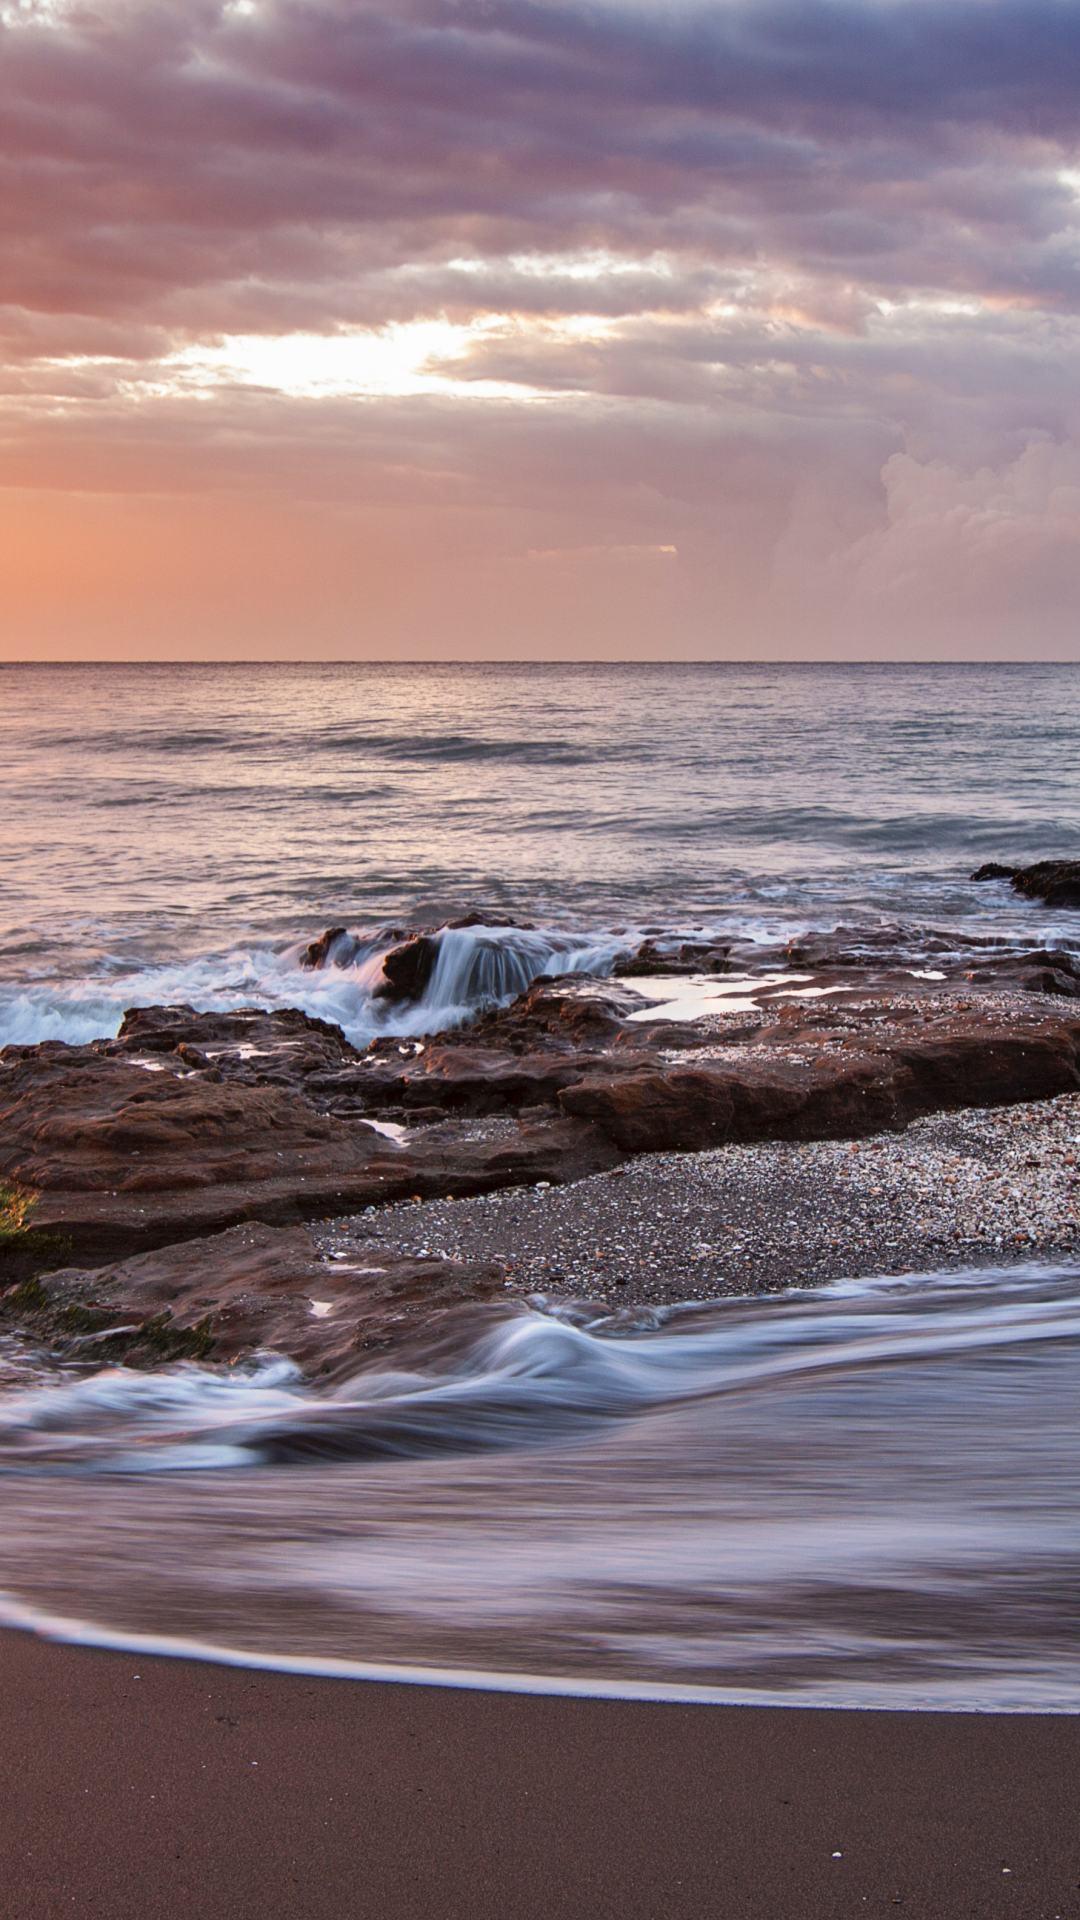 Beach Sunset iPhone Wallpaper